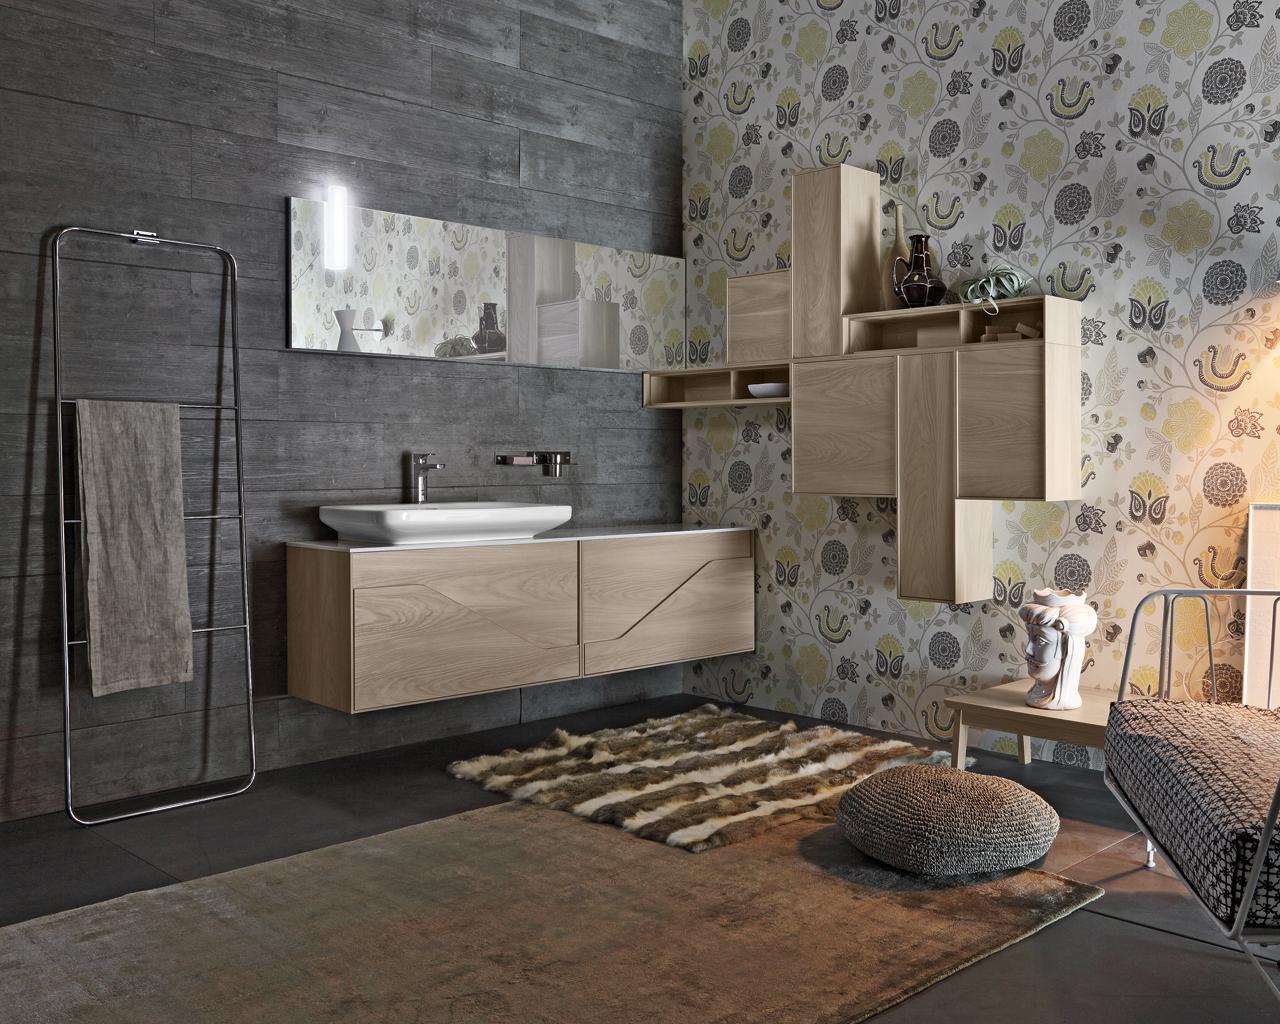 Una stanza da bagno vintage in stile anni 50 - Mobili bagno retro ...